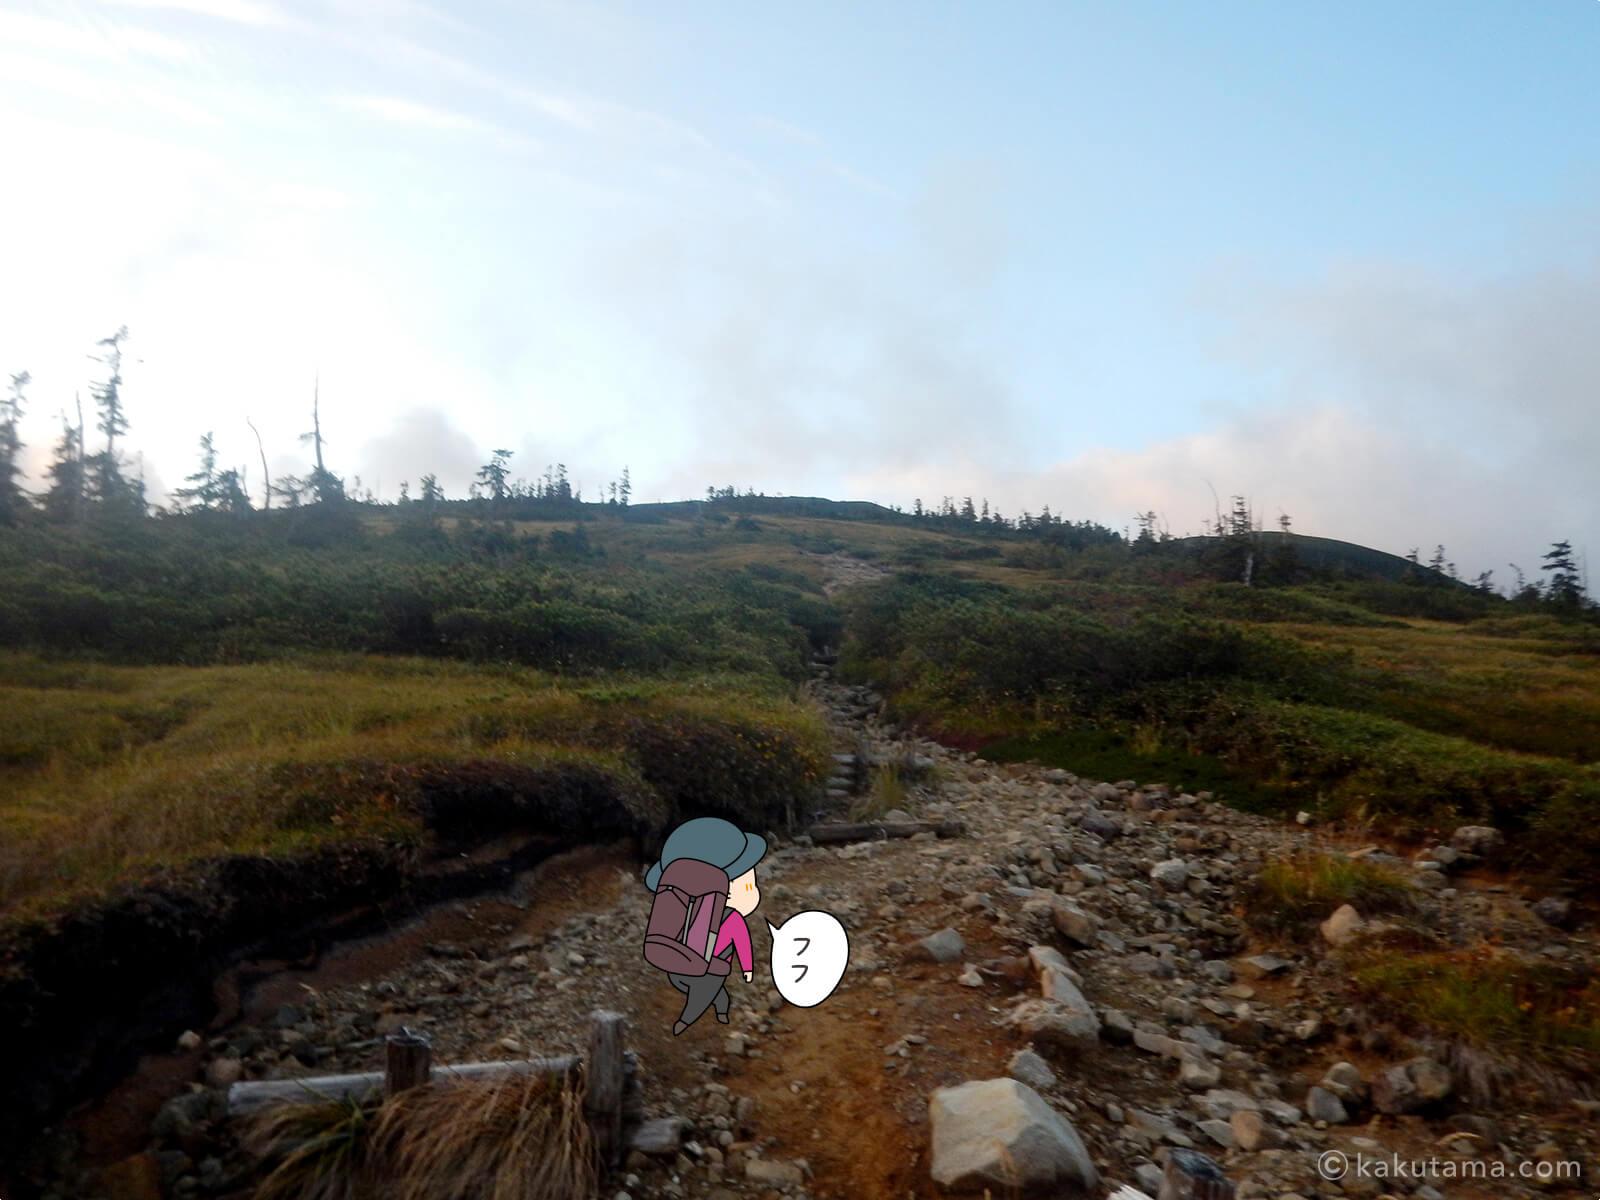 北ノ俣岳へ続いていく木道3